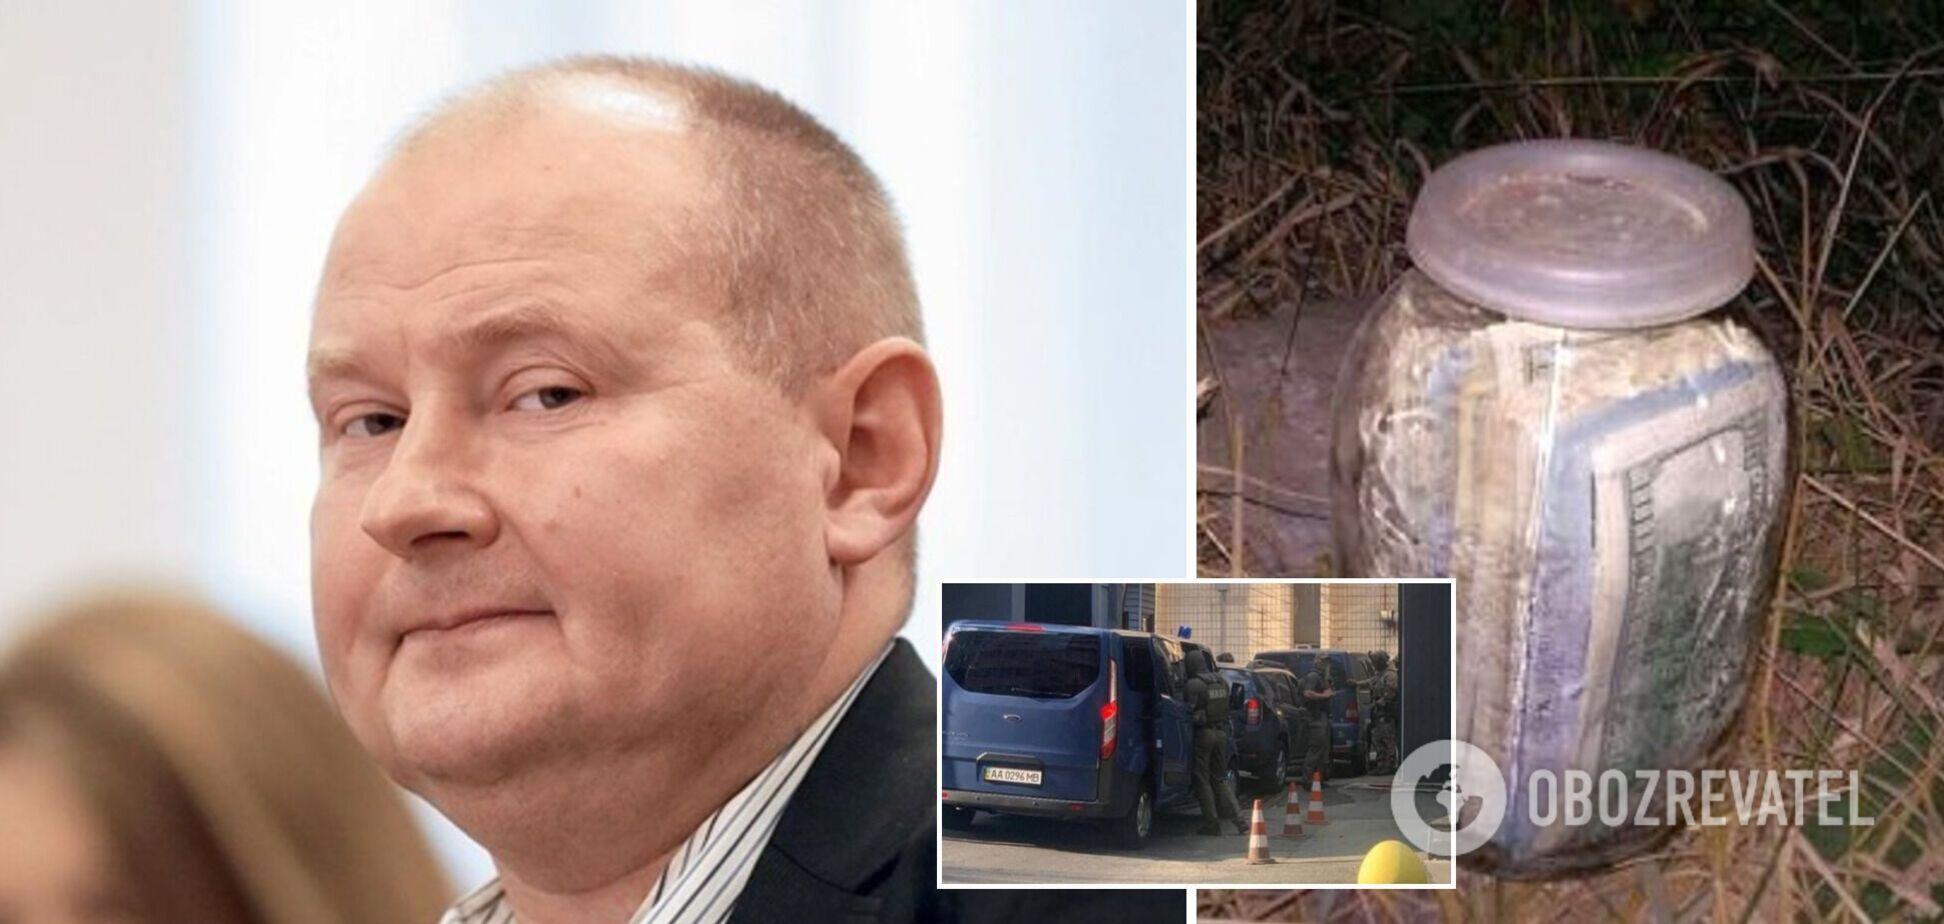 Загадочное похищение, коррупция и громкие обвинения. Кто такой судья Николай Чаус и почему все за ним охотятся